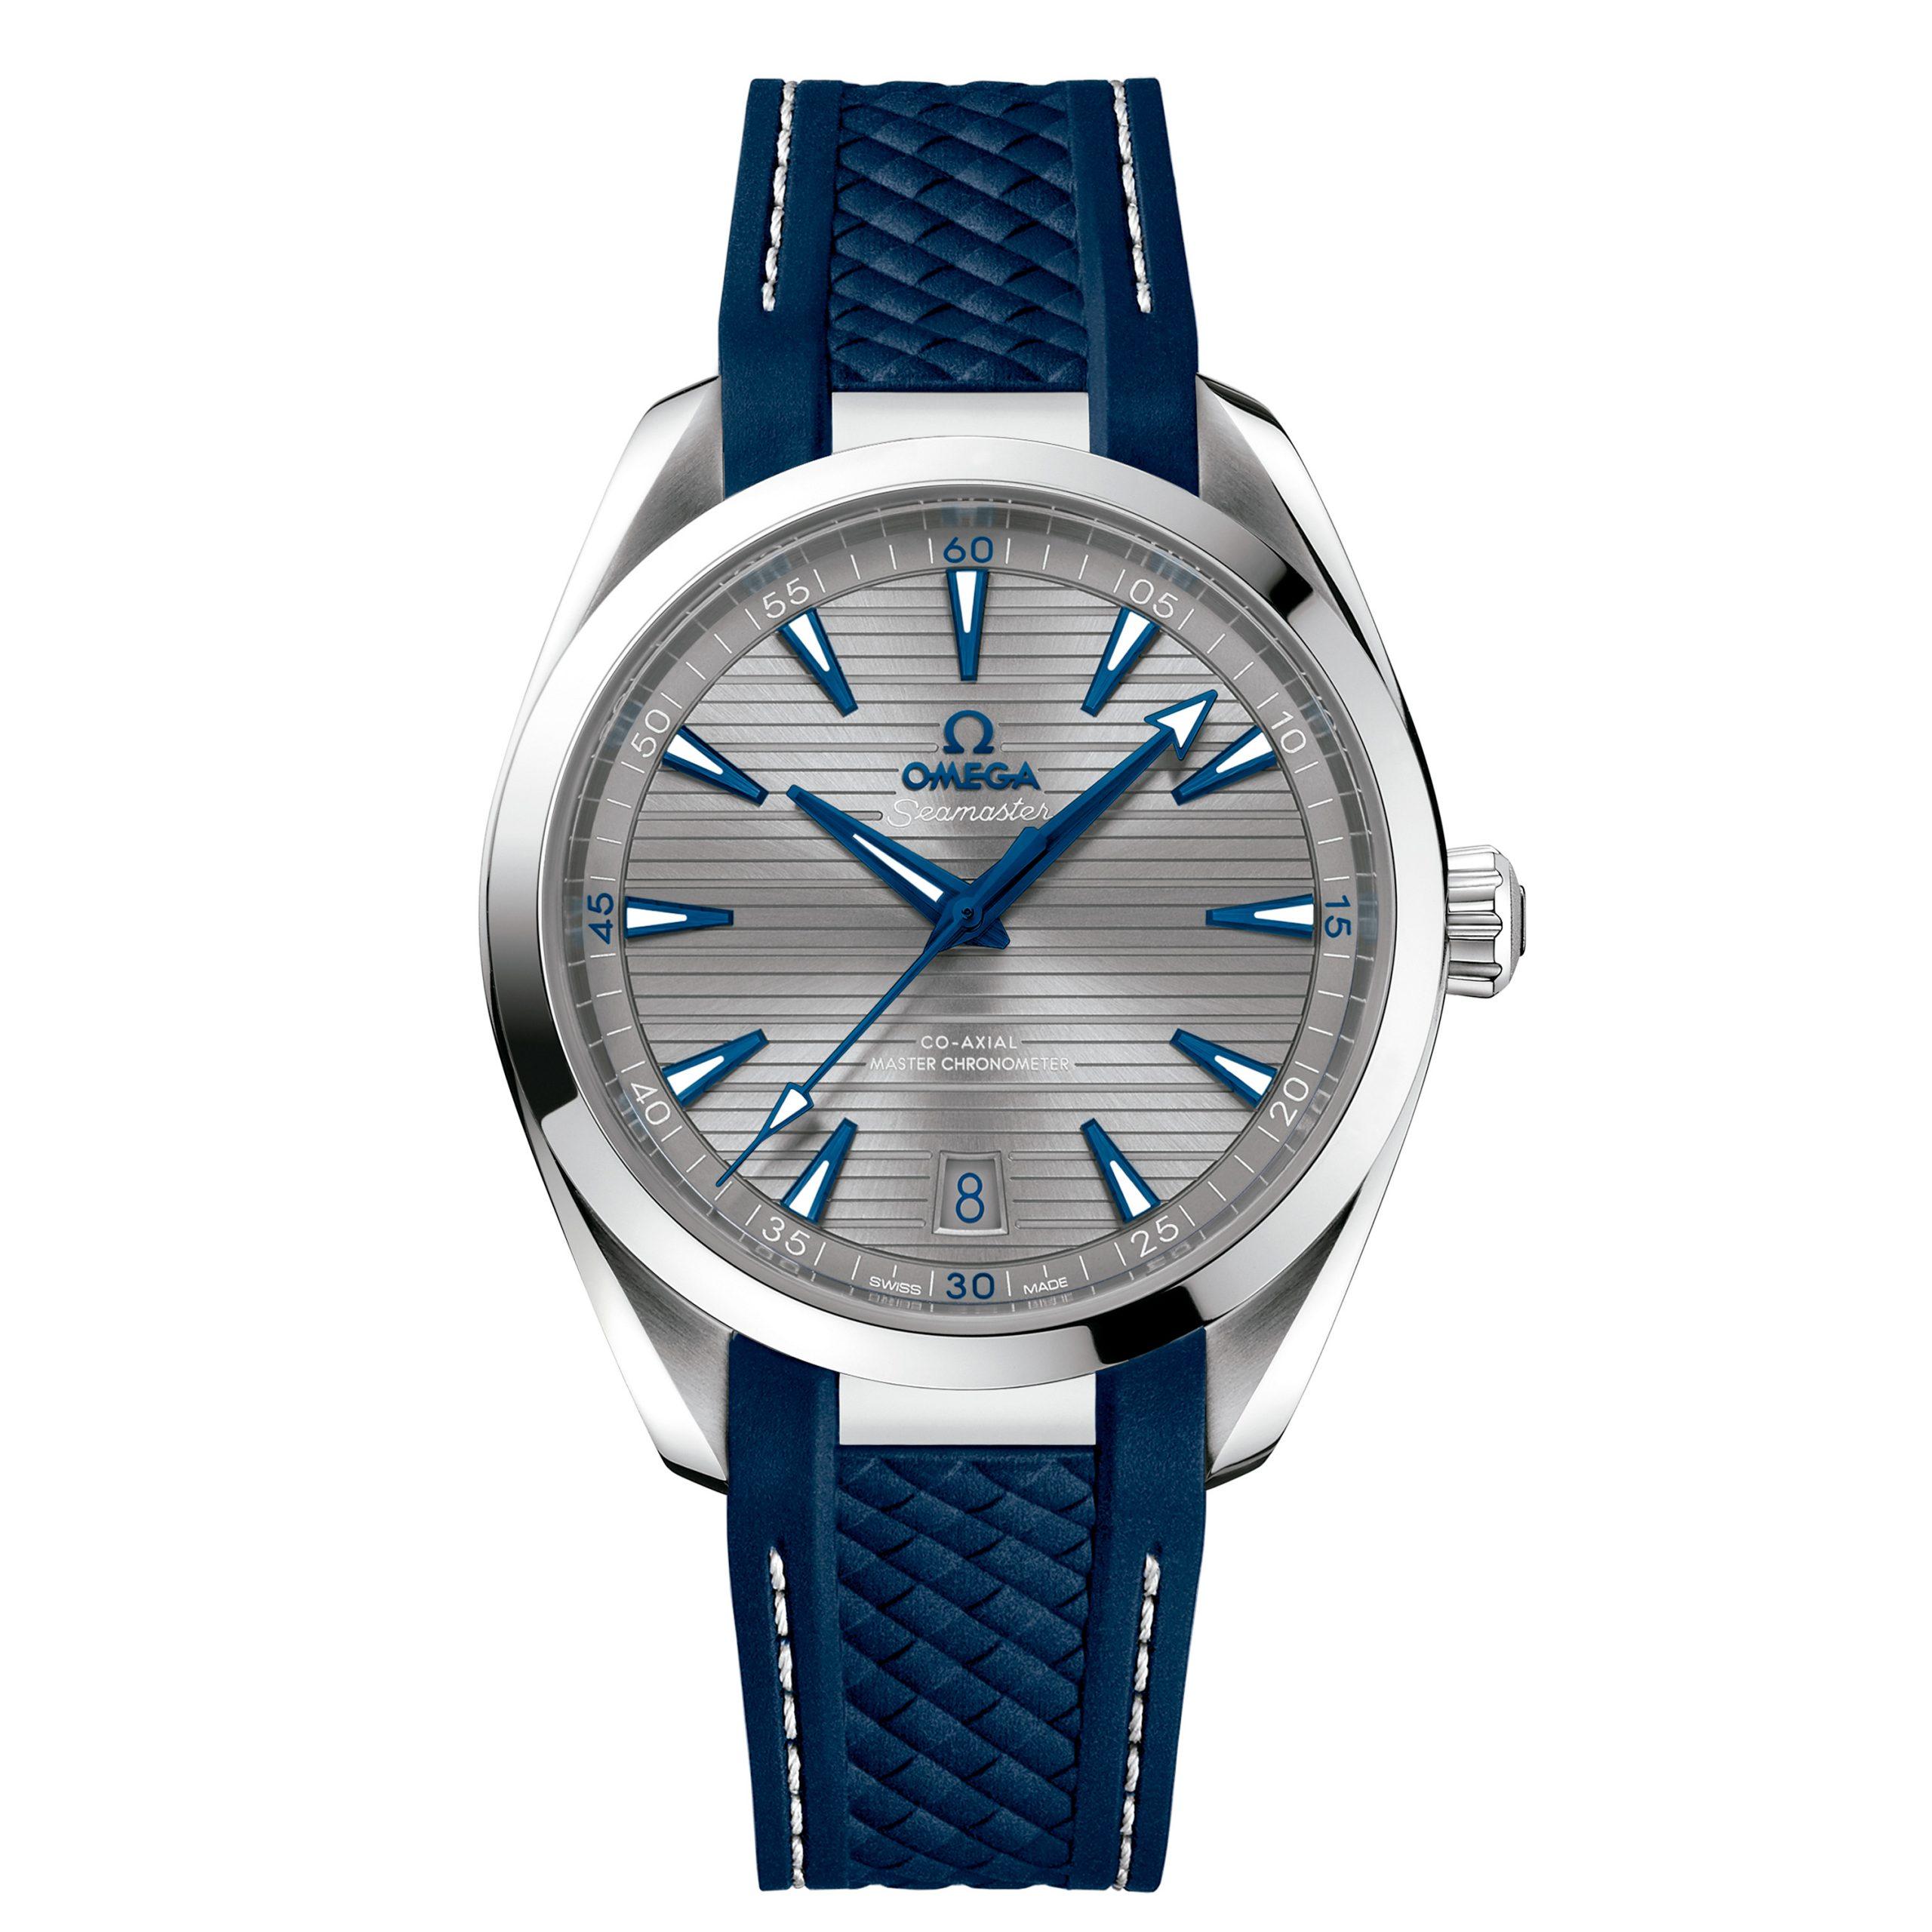 Relojes para hombre OMEGA  Seamaster Aqua Terra  O22012412106001